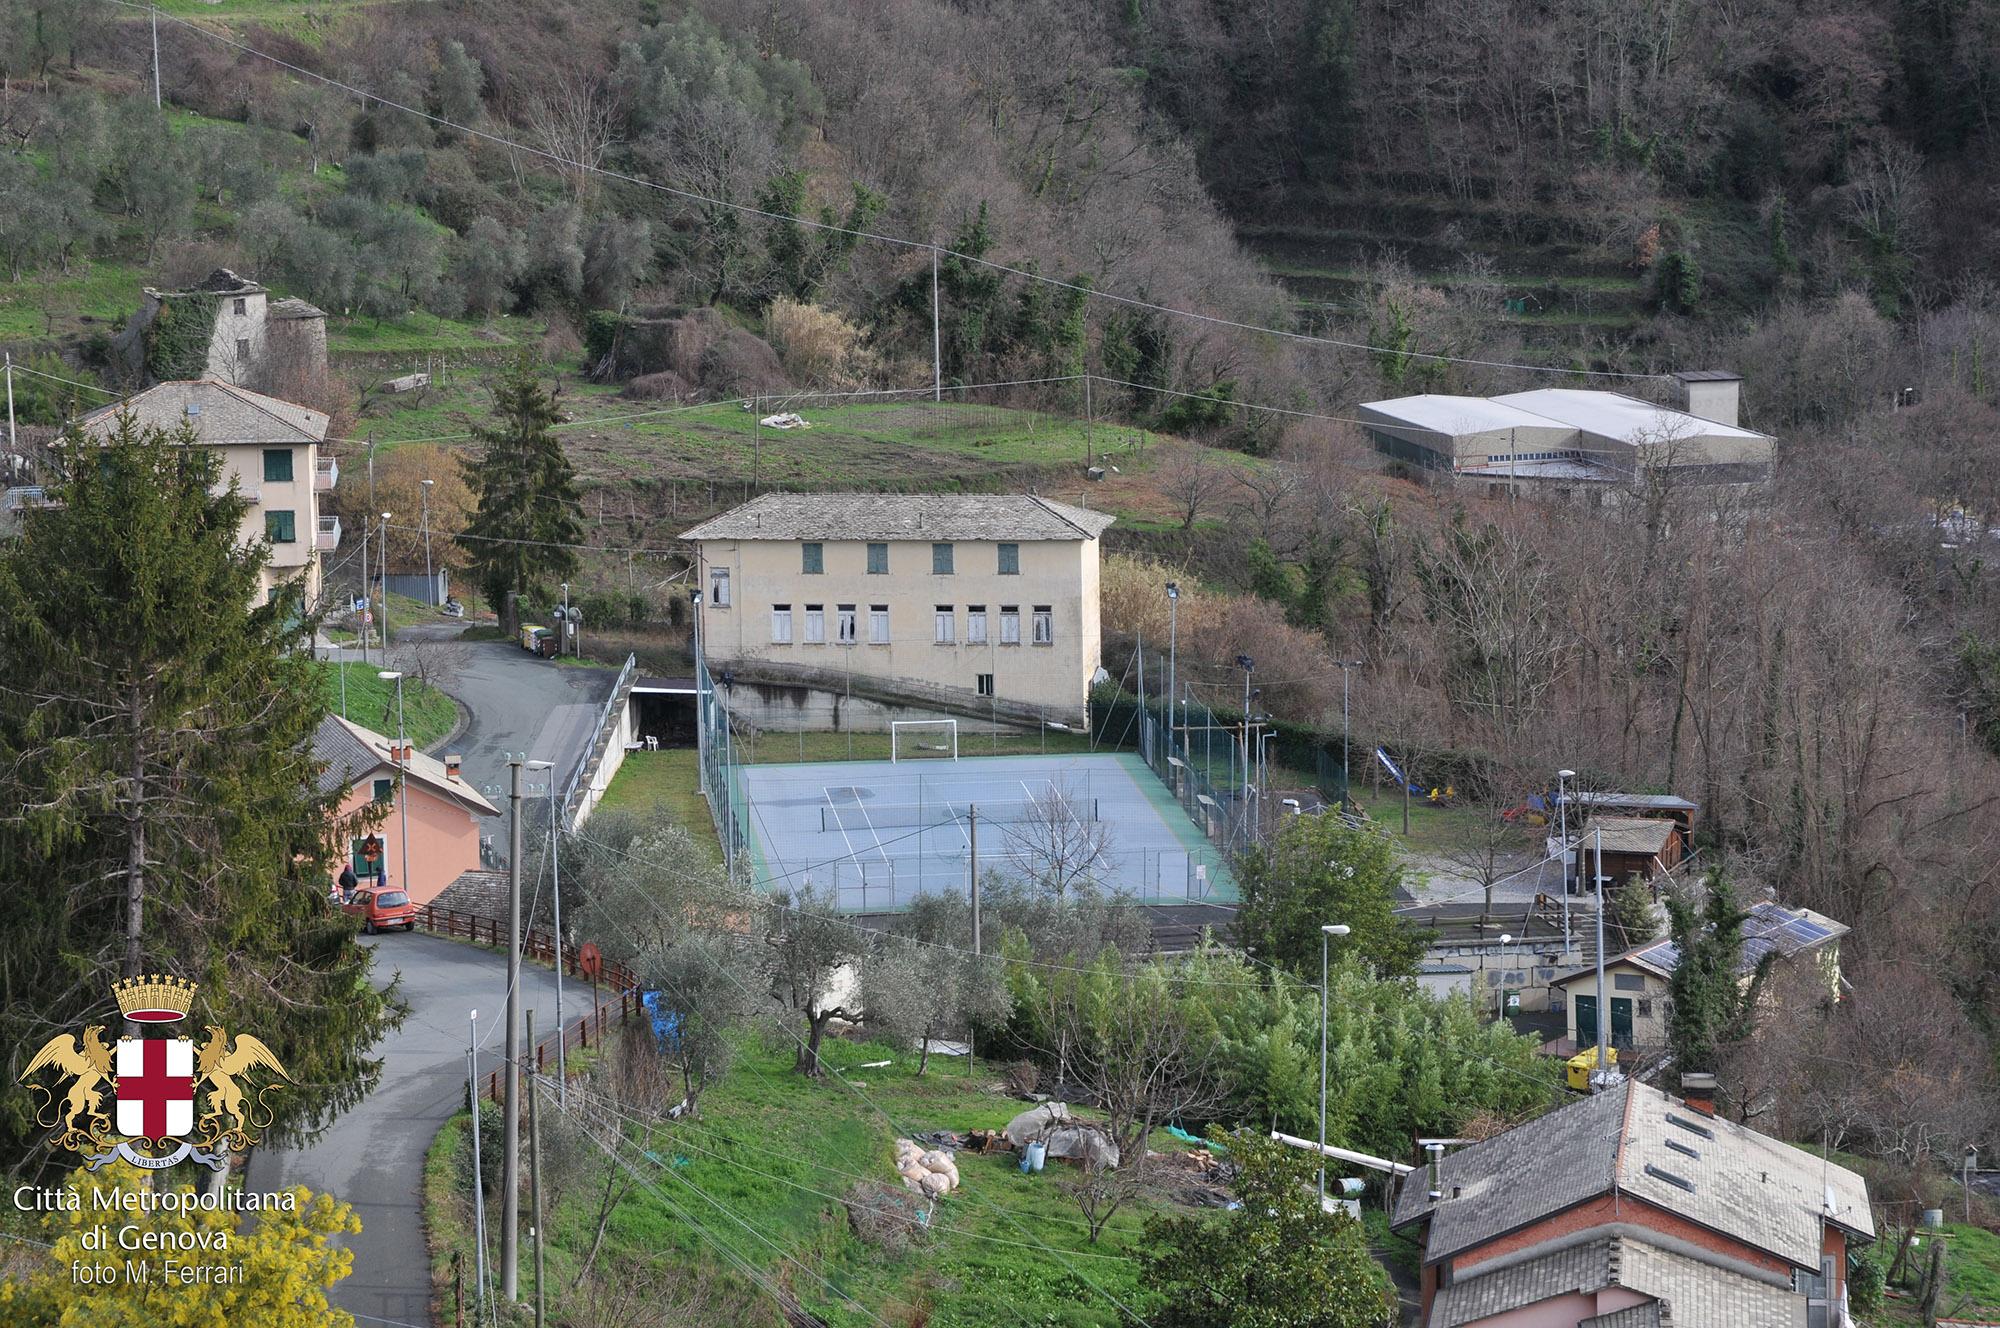 centro sportivo Dondero